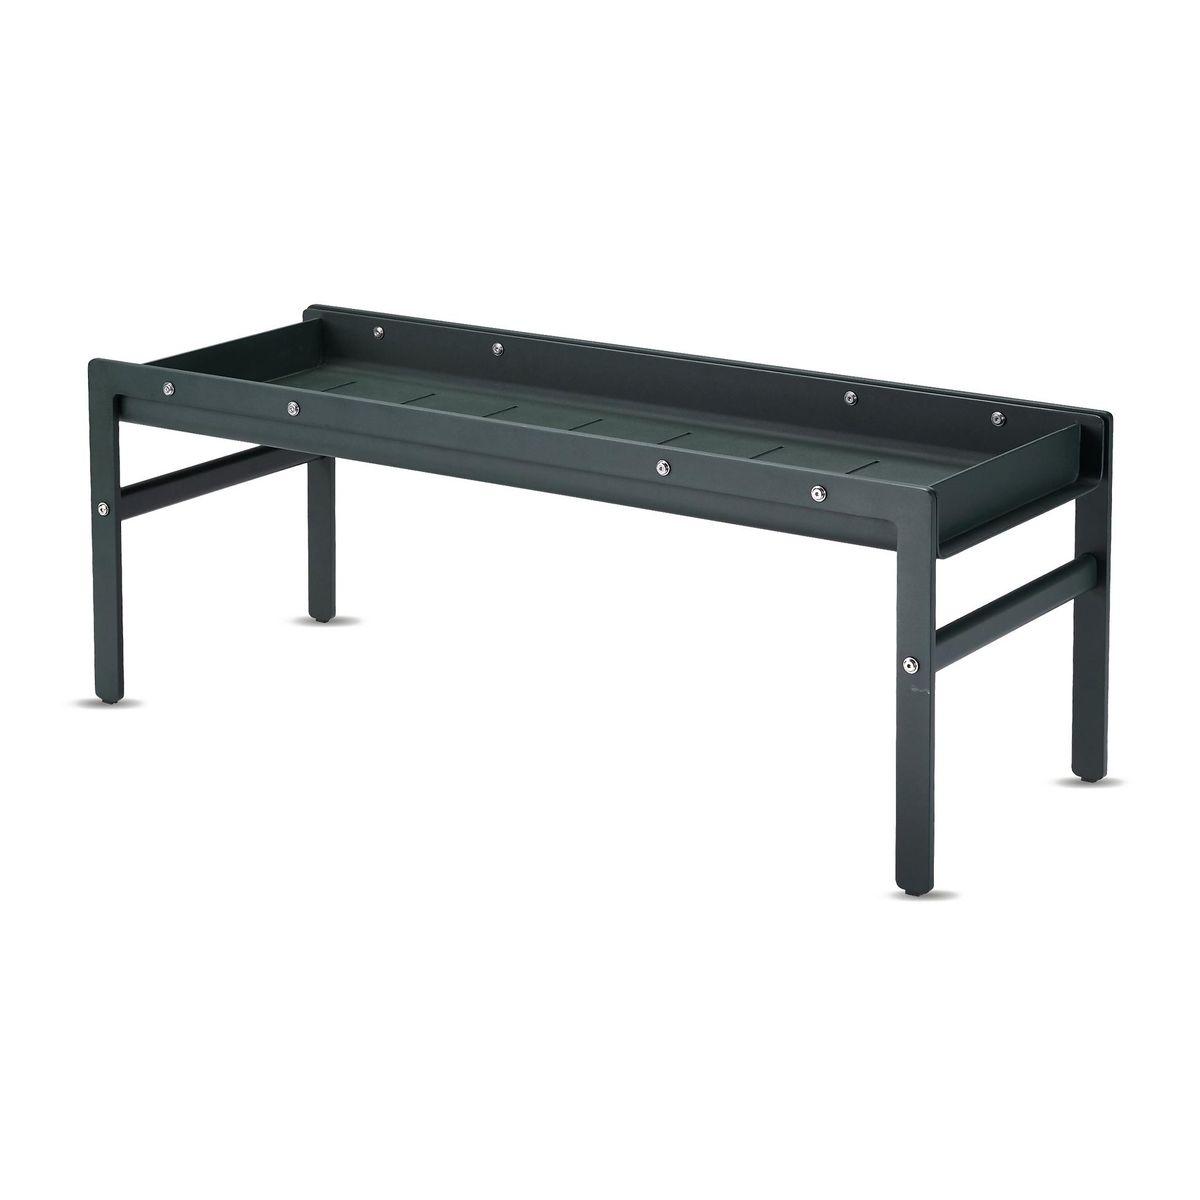 reform banc table d 39 appoint skagerak. Black Bedroom Furniture Sets. Home Design Ideas